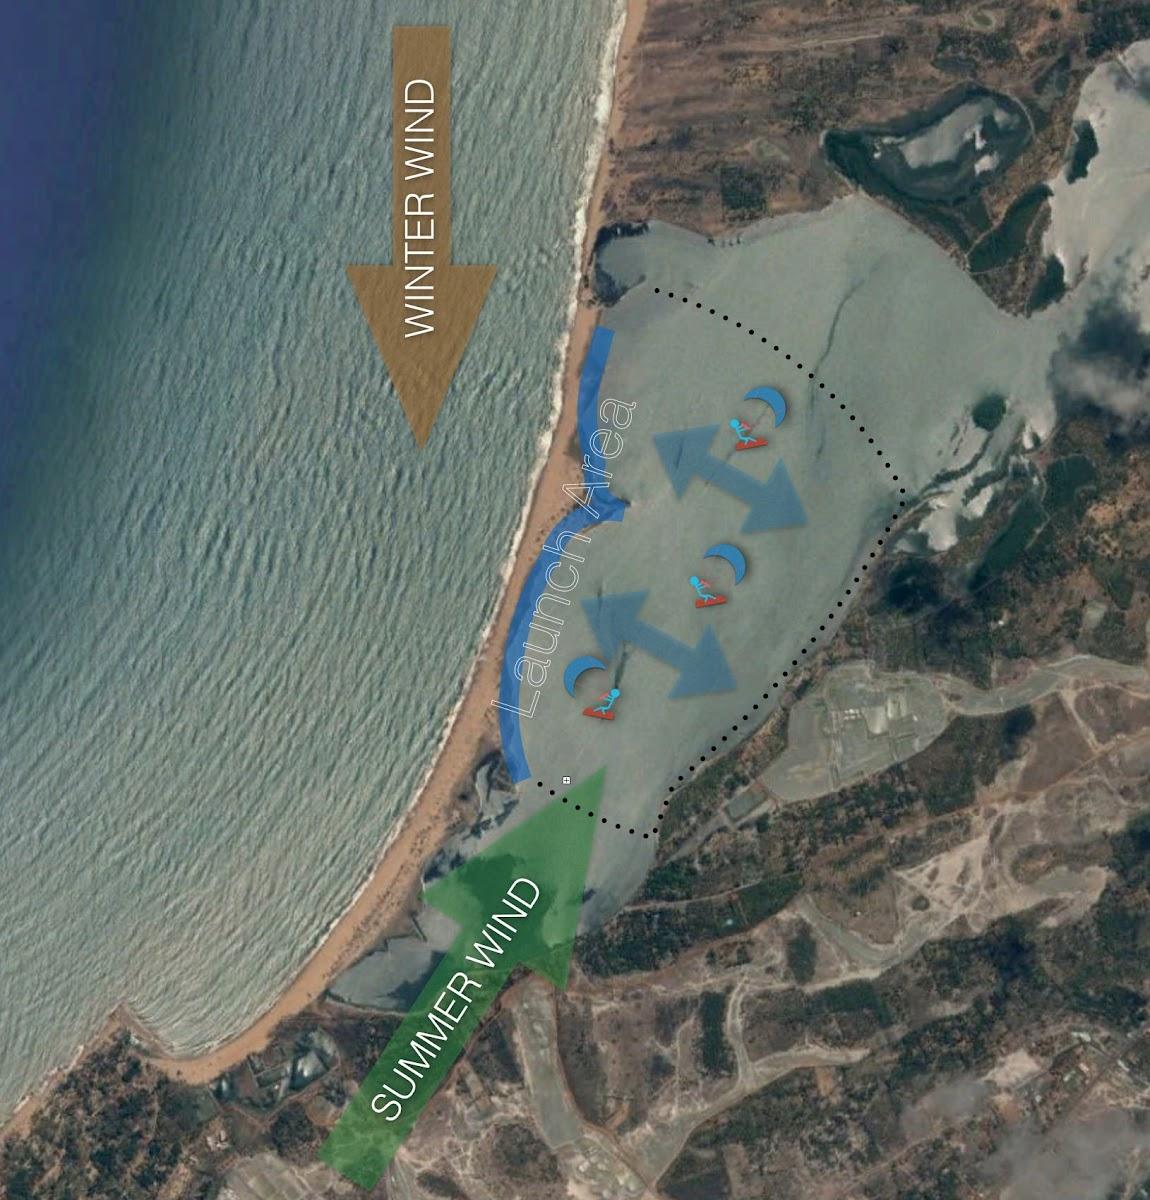 Sri. Lanka Kalpitiya Kiteboarding. Kalpitiya Lagoon Map.